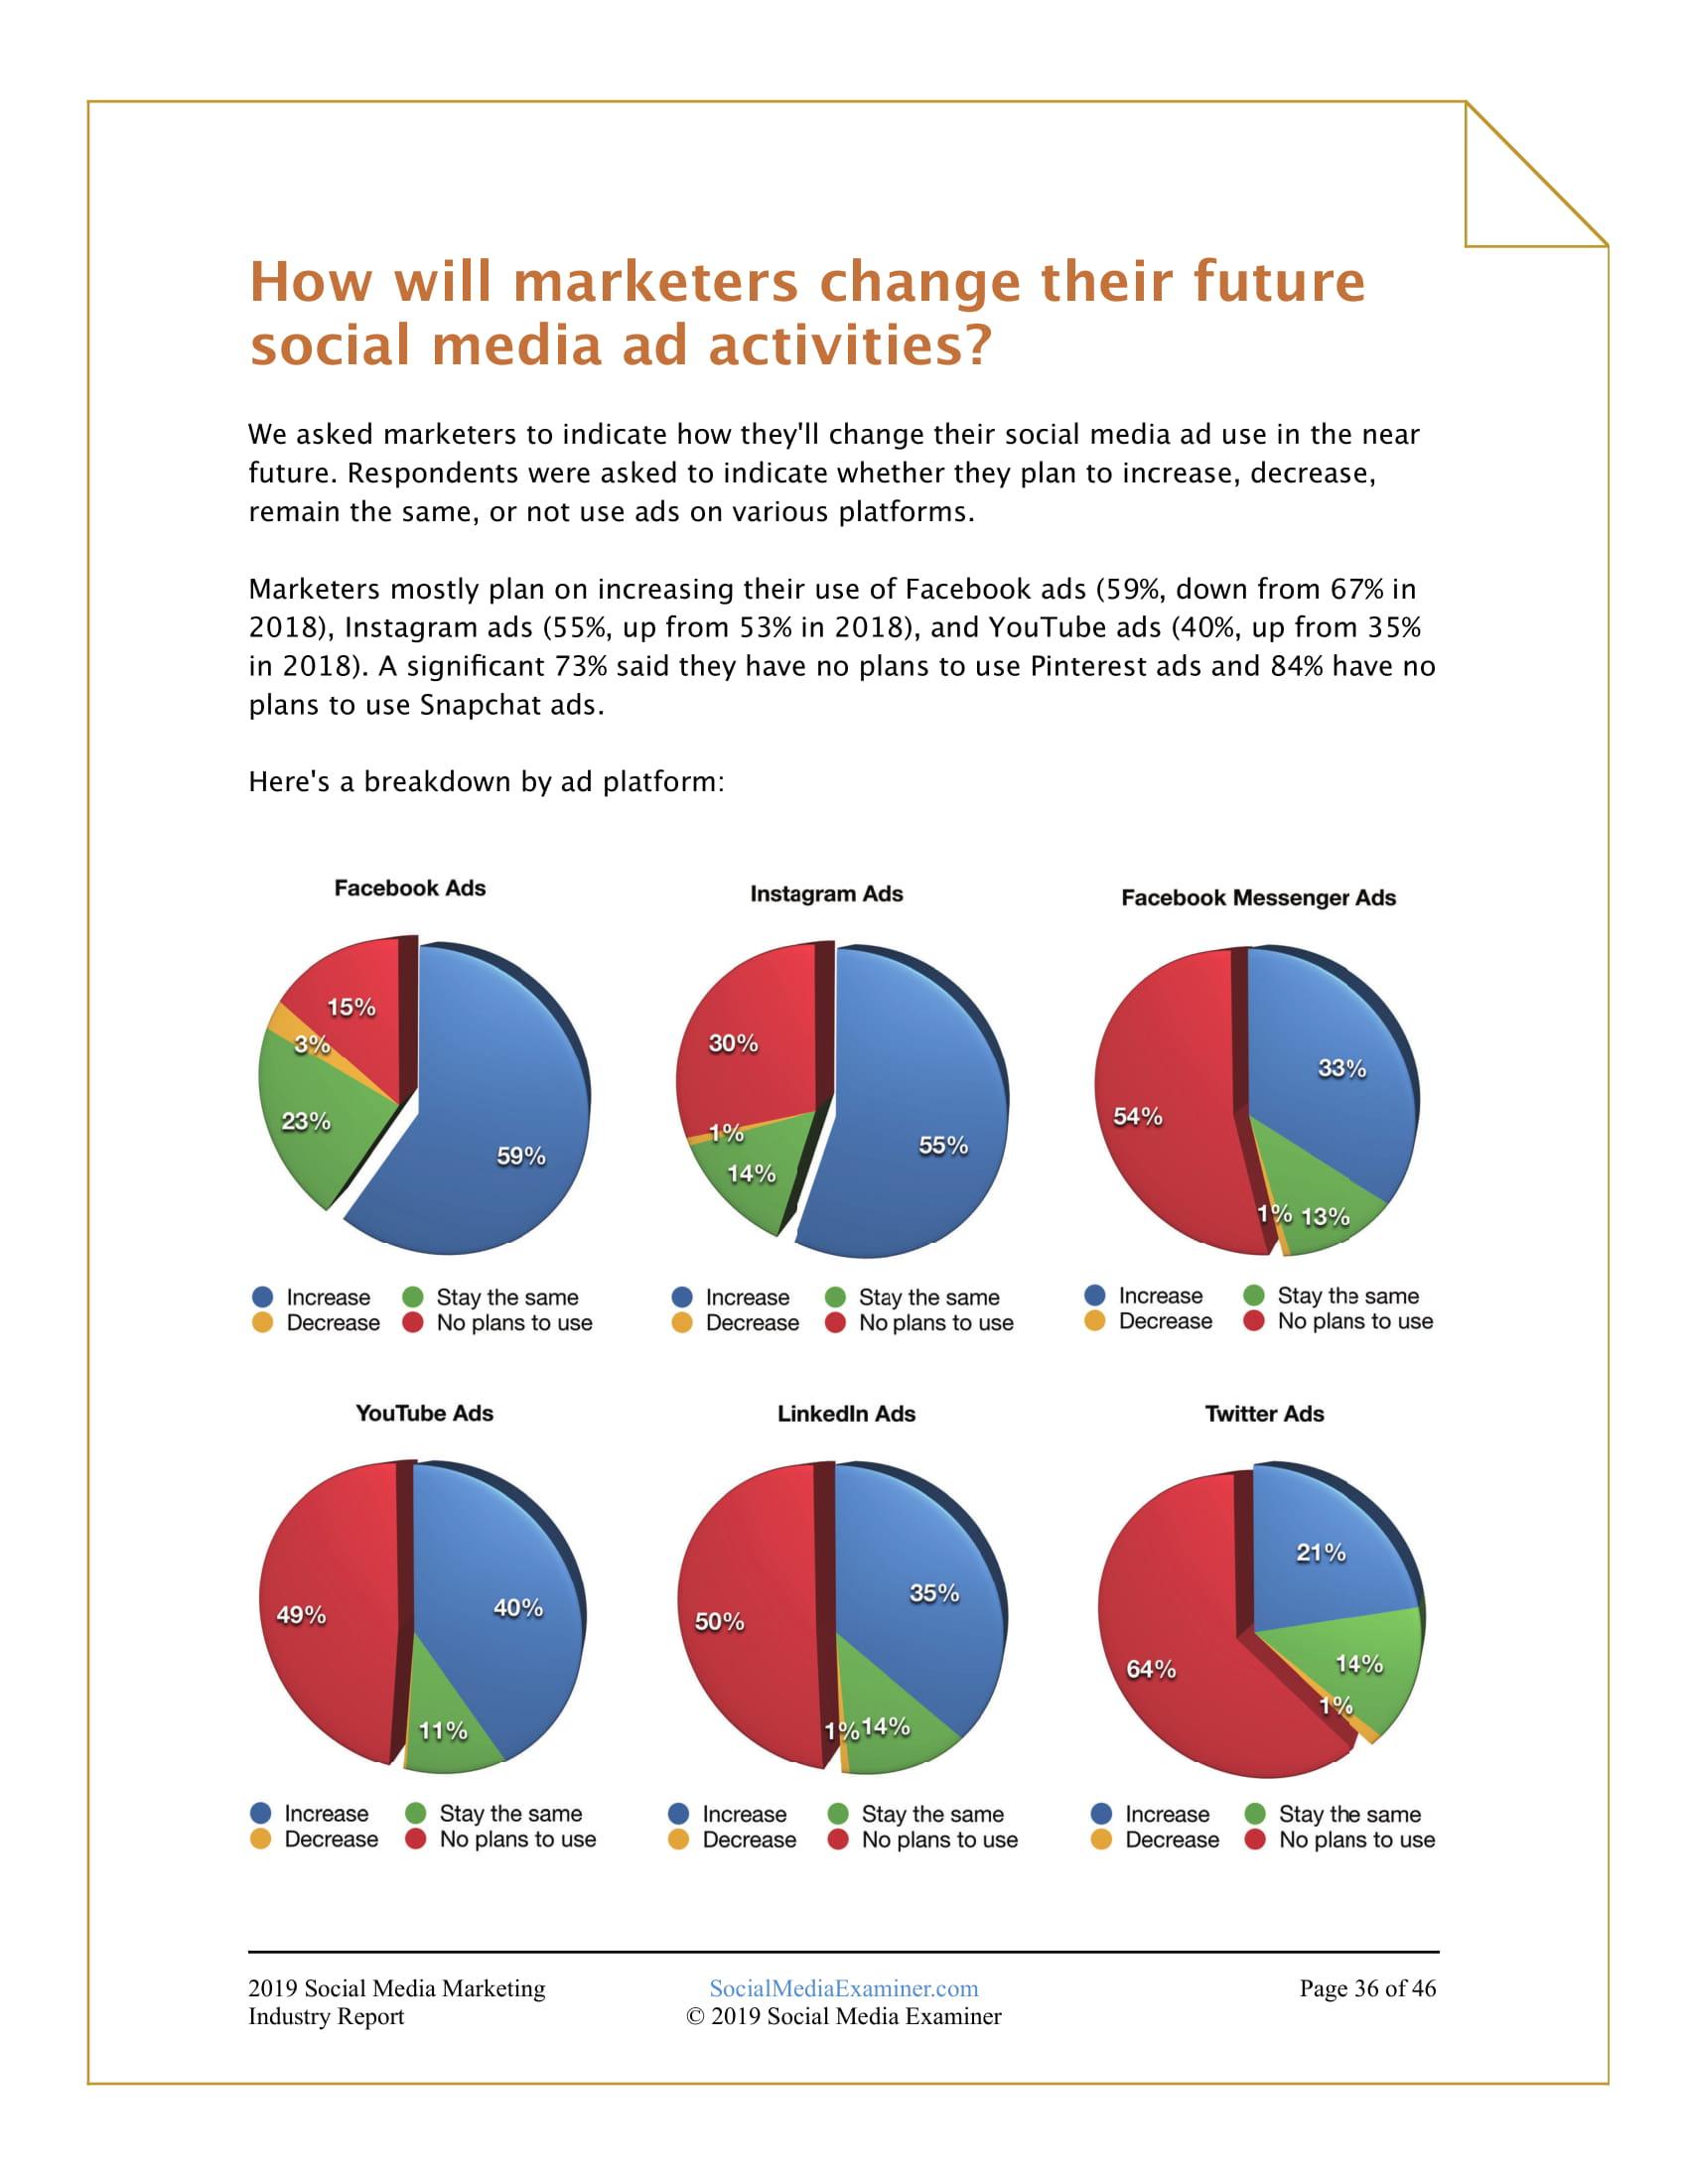 SME:2019年社交媒体营销行业报告-CNMOAD 中文移动营销资讯 37